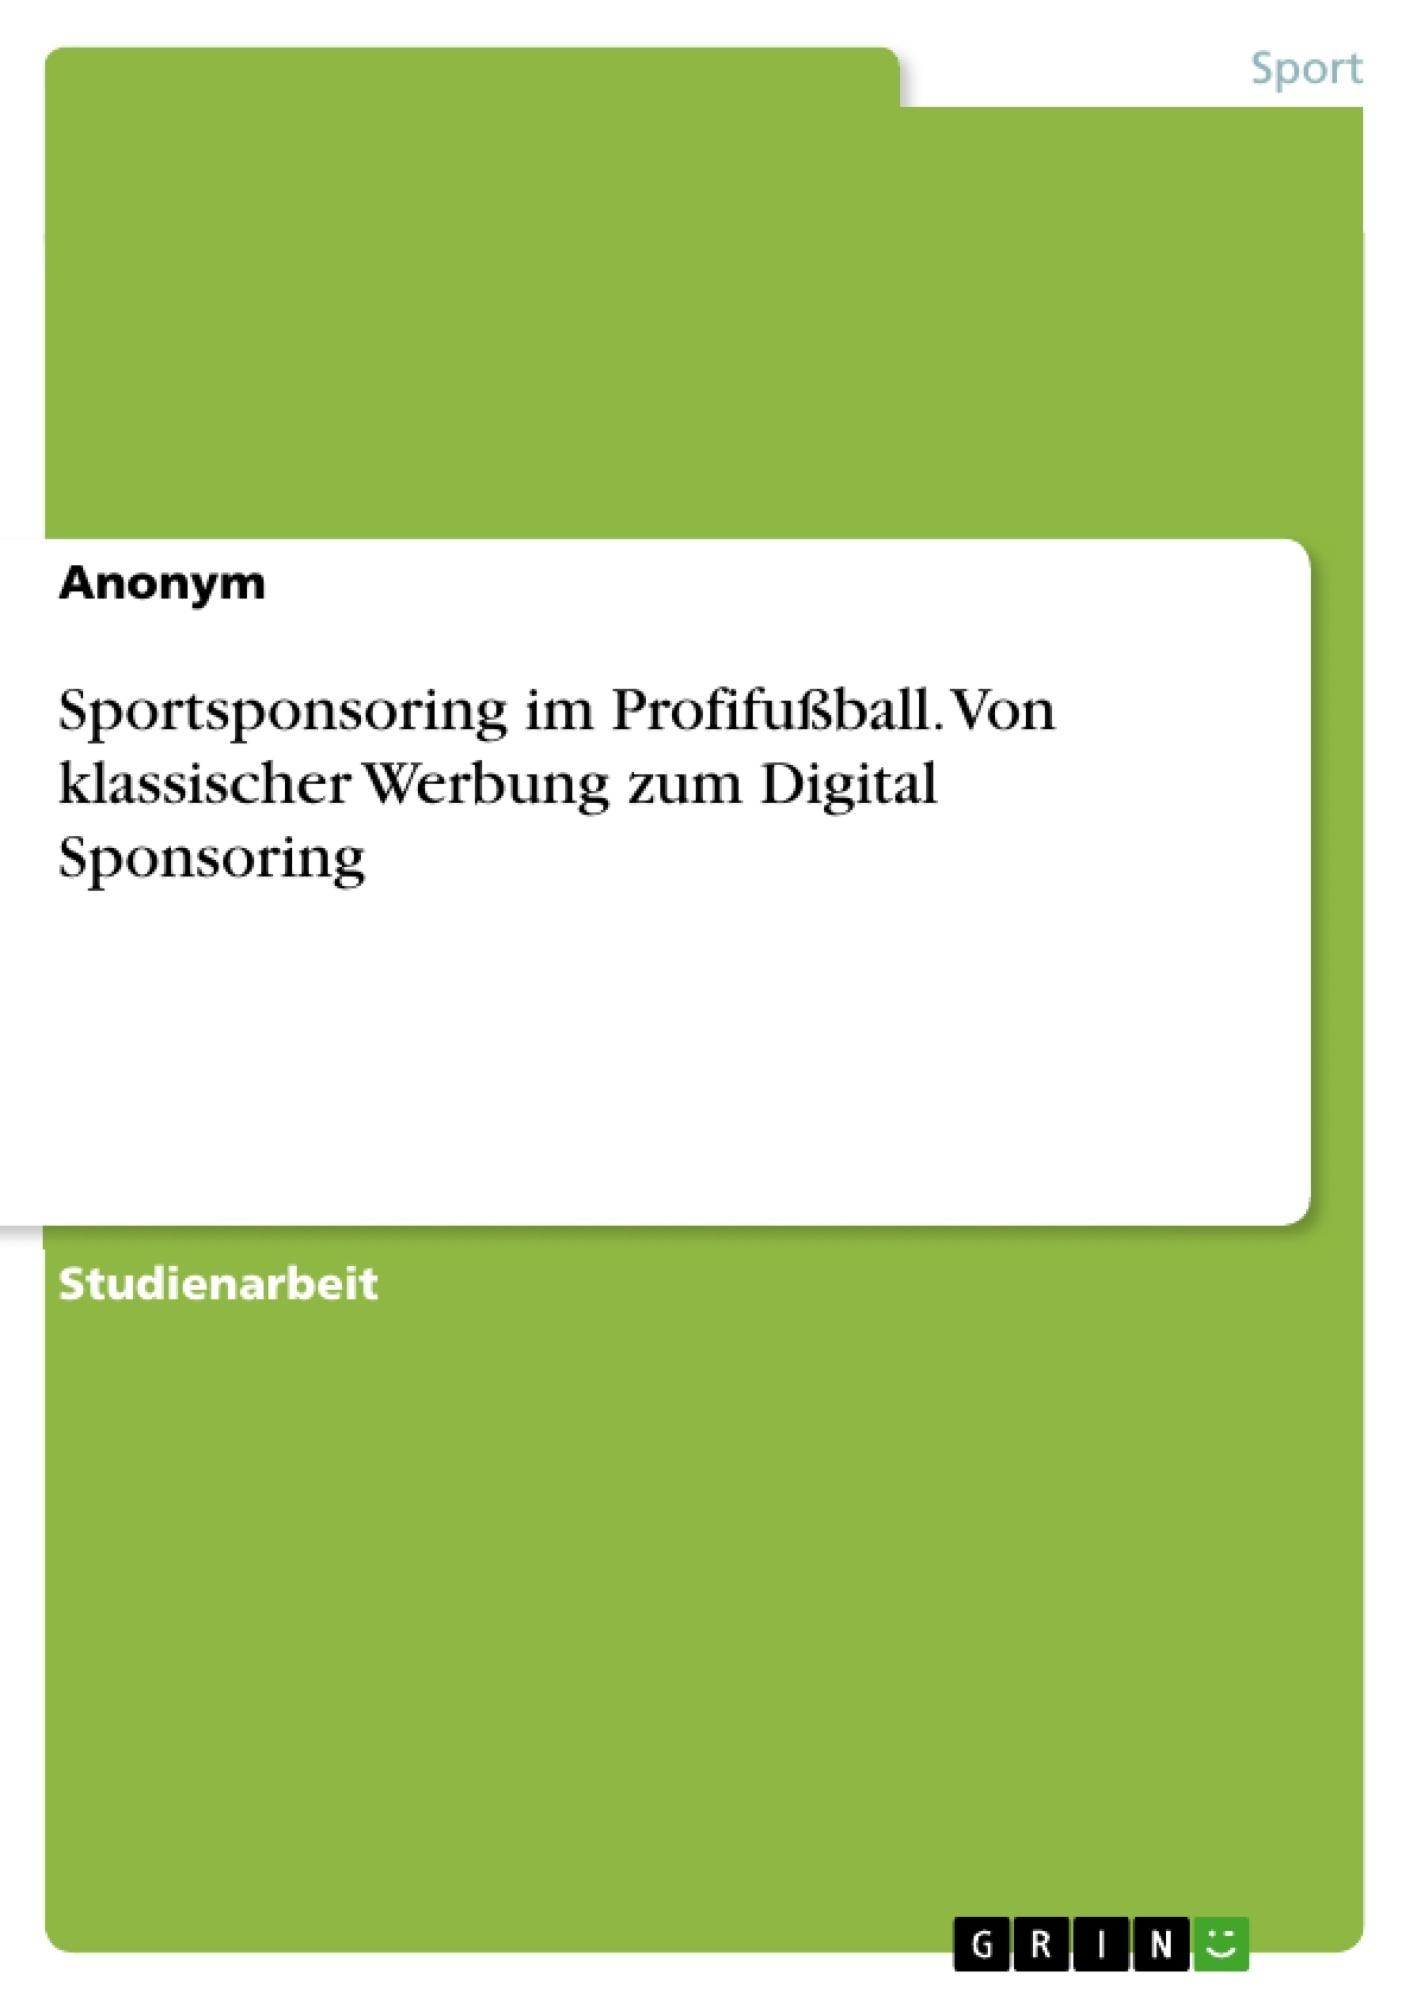 Titel: Sportsponsoring im Profifußball. Von klassischer Werbung zum Digital Sponsoring